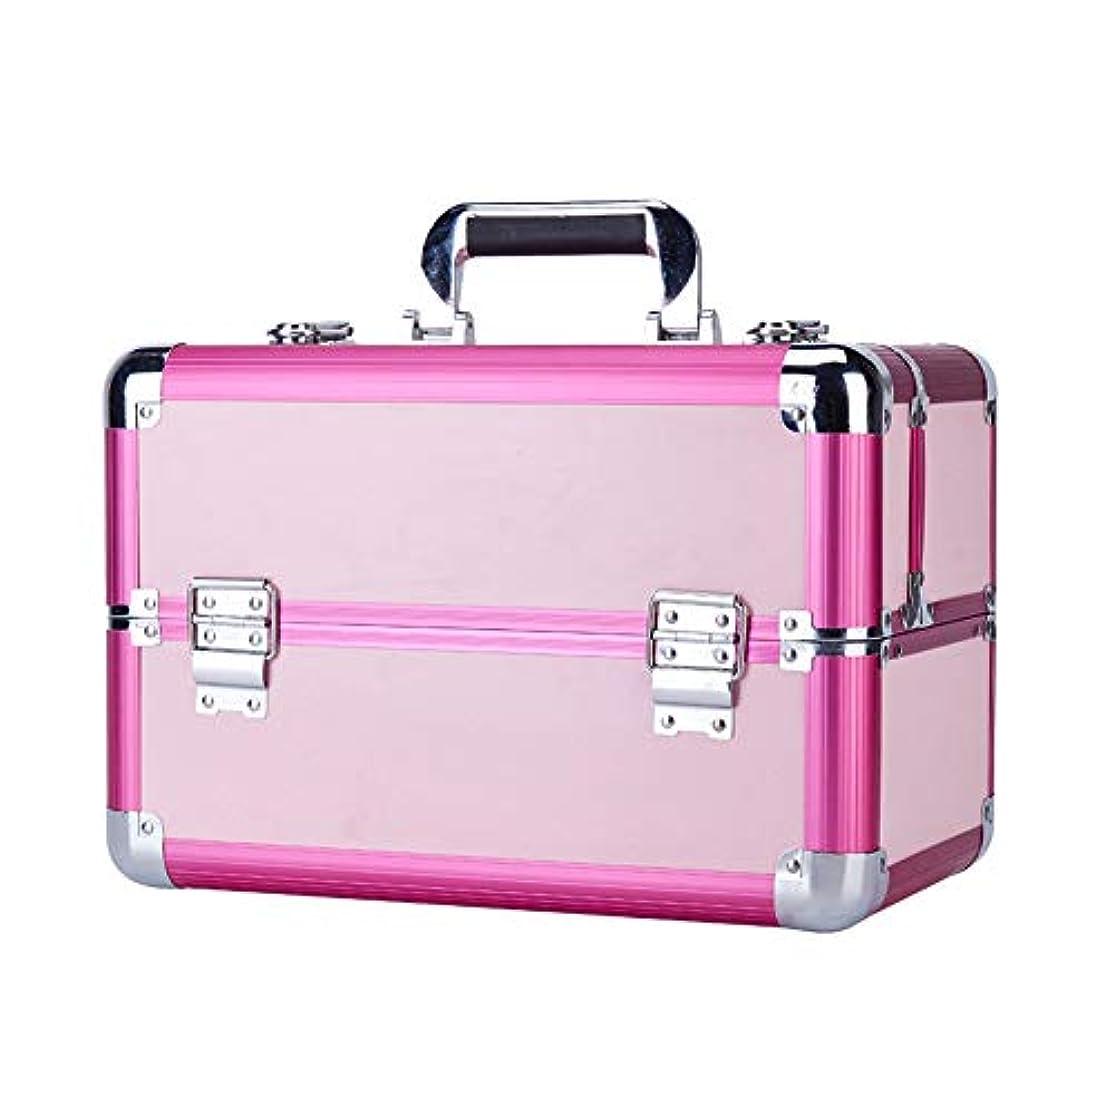 暖かさ休日に過激派特大スペース収納ビューティーボックス 美の構造のためそしてジッパーおよび折る皿が付いている女の子の女性旅行そして毎日の貯蔵のための高容量の携帯用化粧品袋 化粧品化粧台 (色 : ピンク)